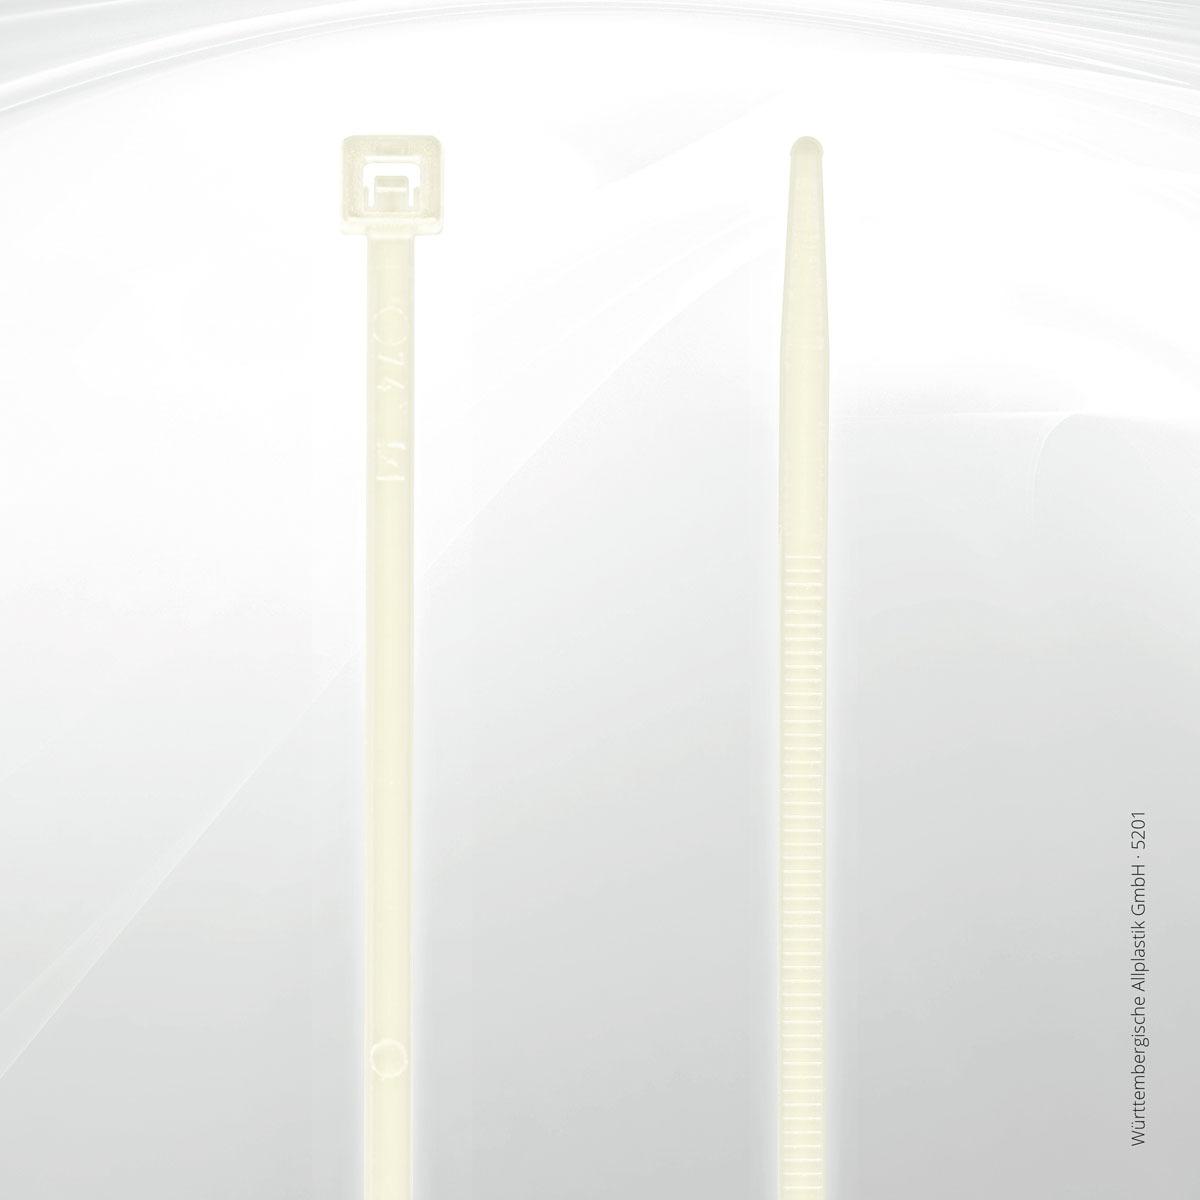 Kabelbinder Standard | Württembergische Allplastik GmbH® | Allplastik